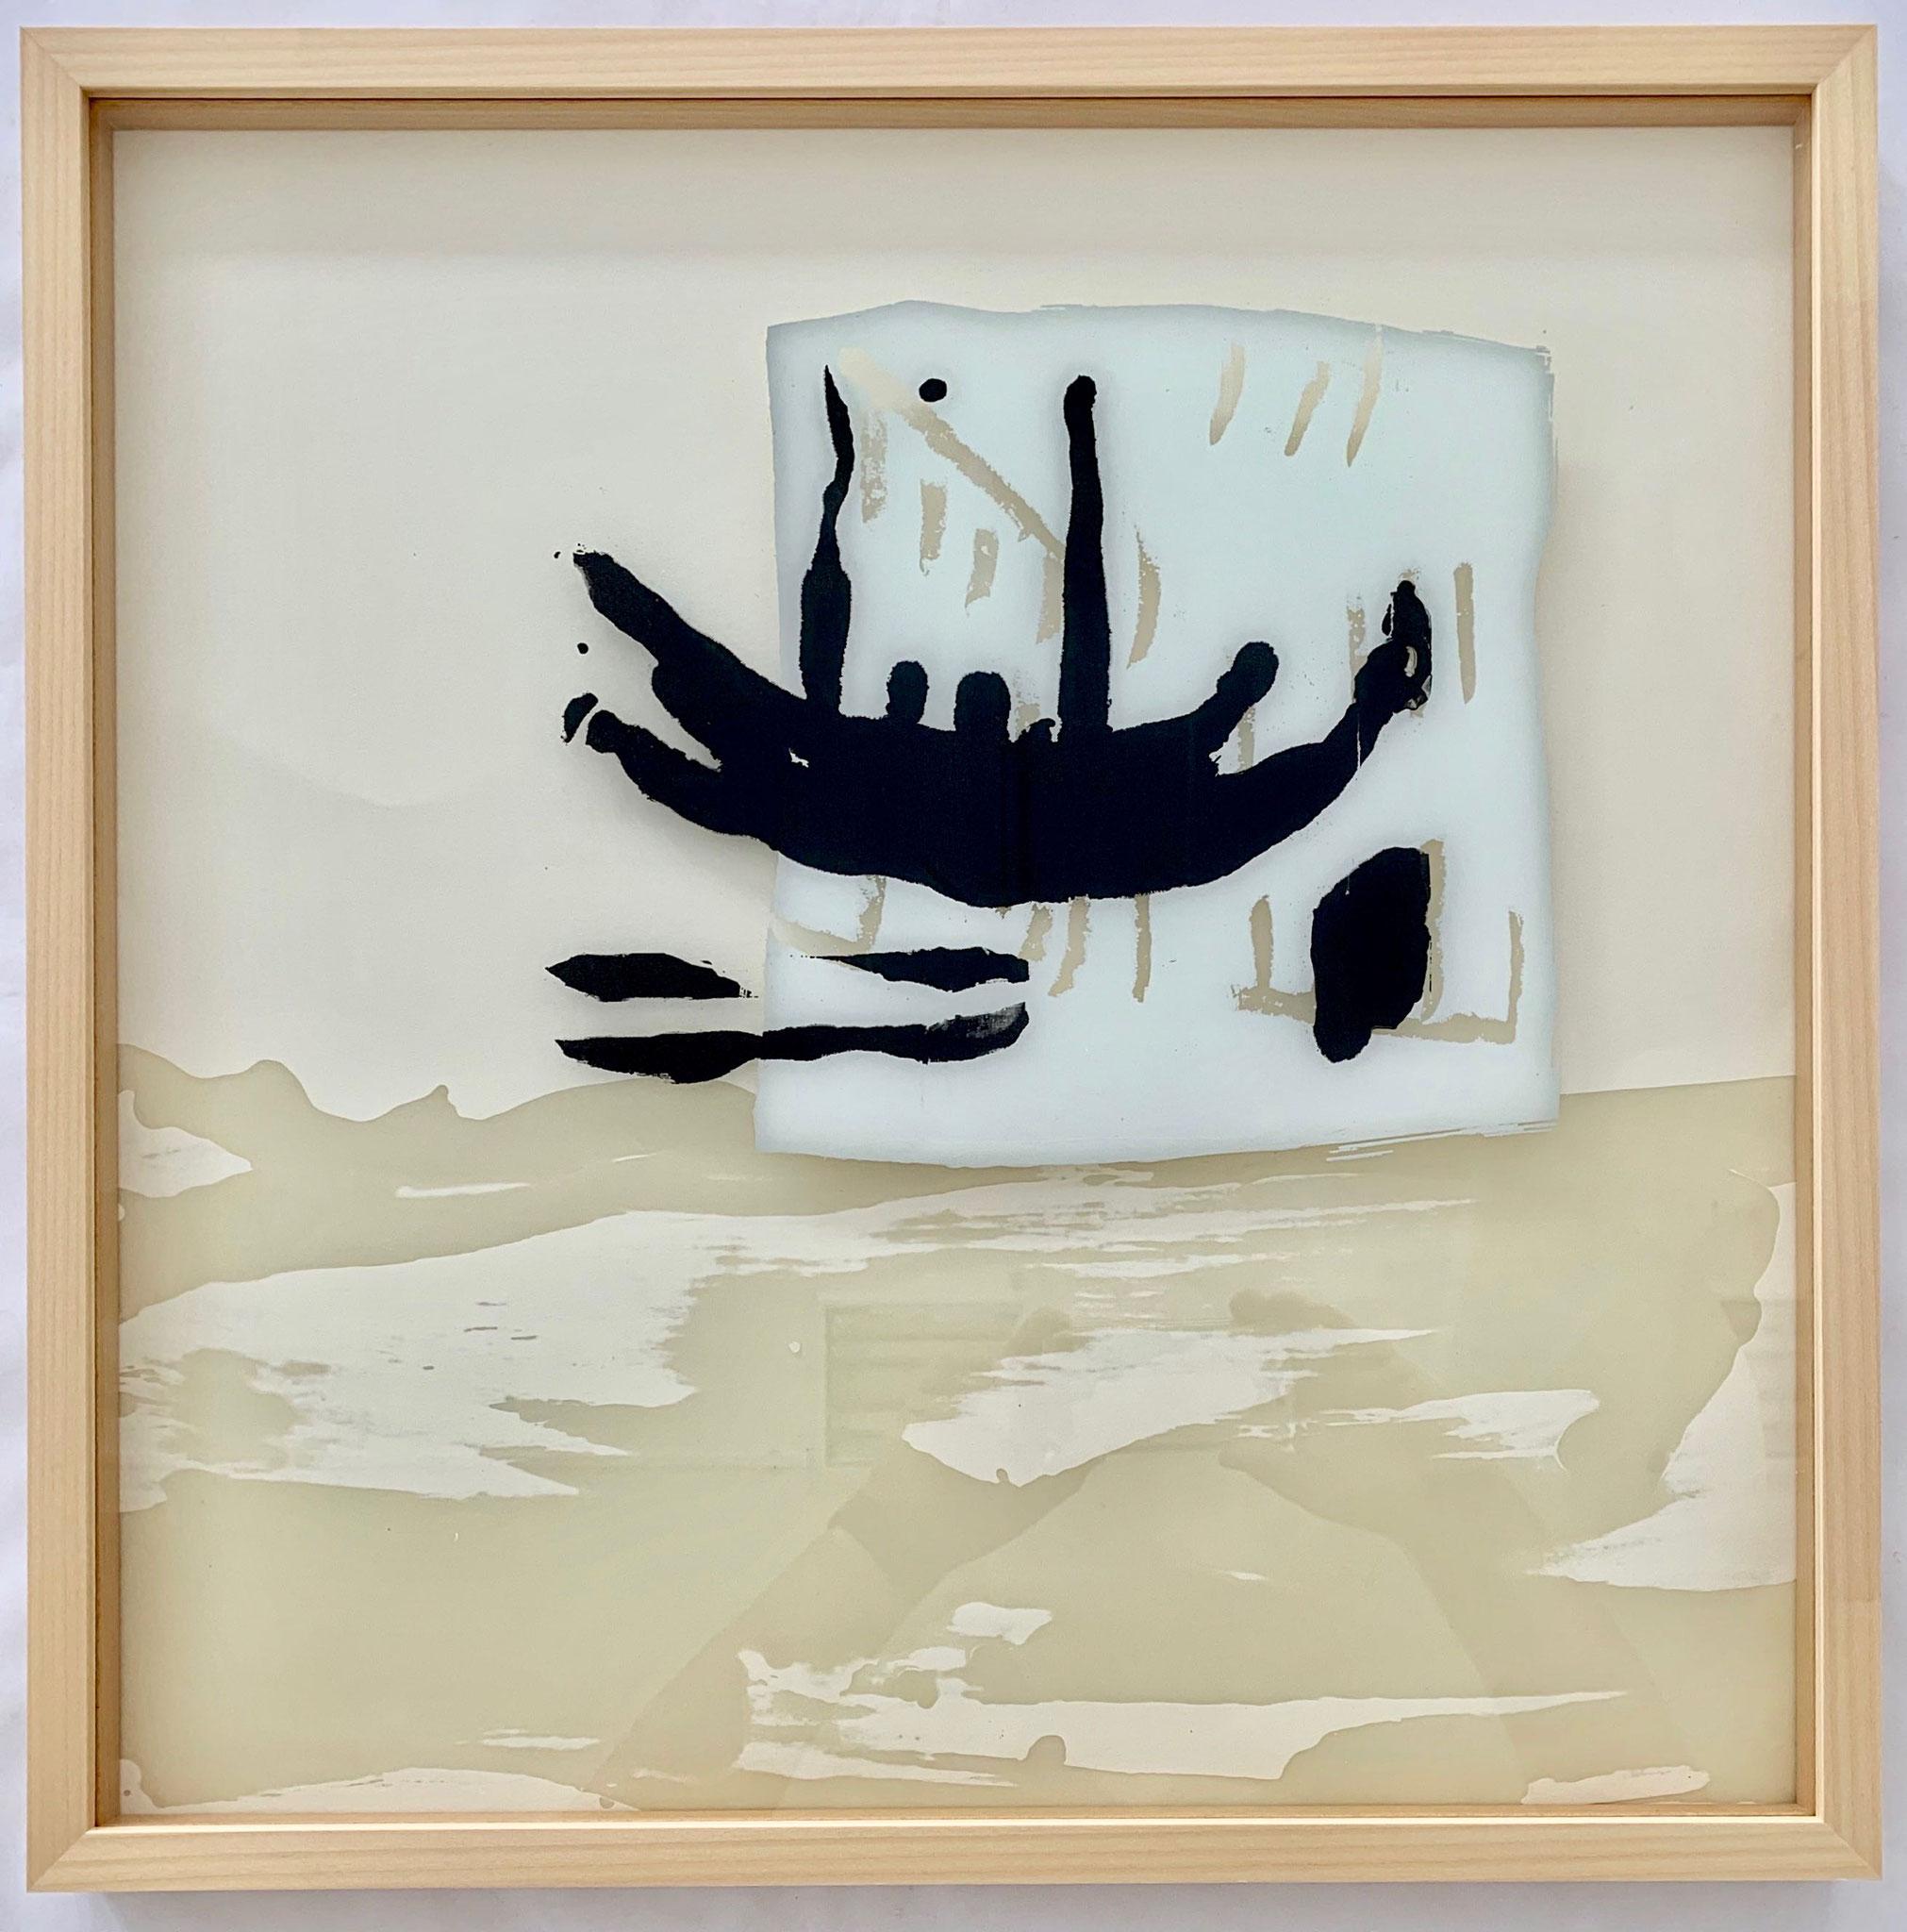 Hoffnungsträger (1te Version), Siebdruck auf Glas, 50 x 50 cm, gerahmt, 2019